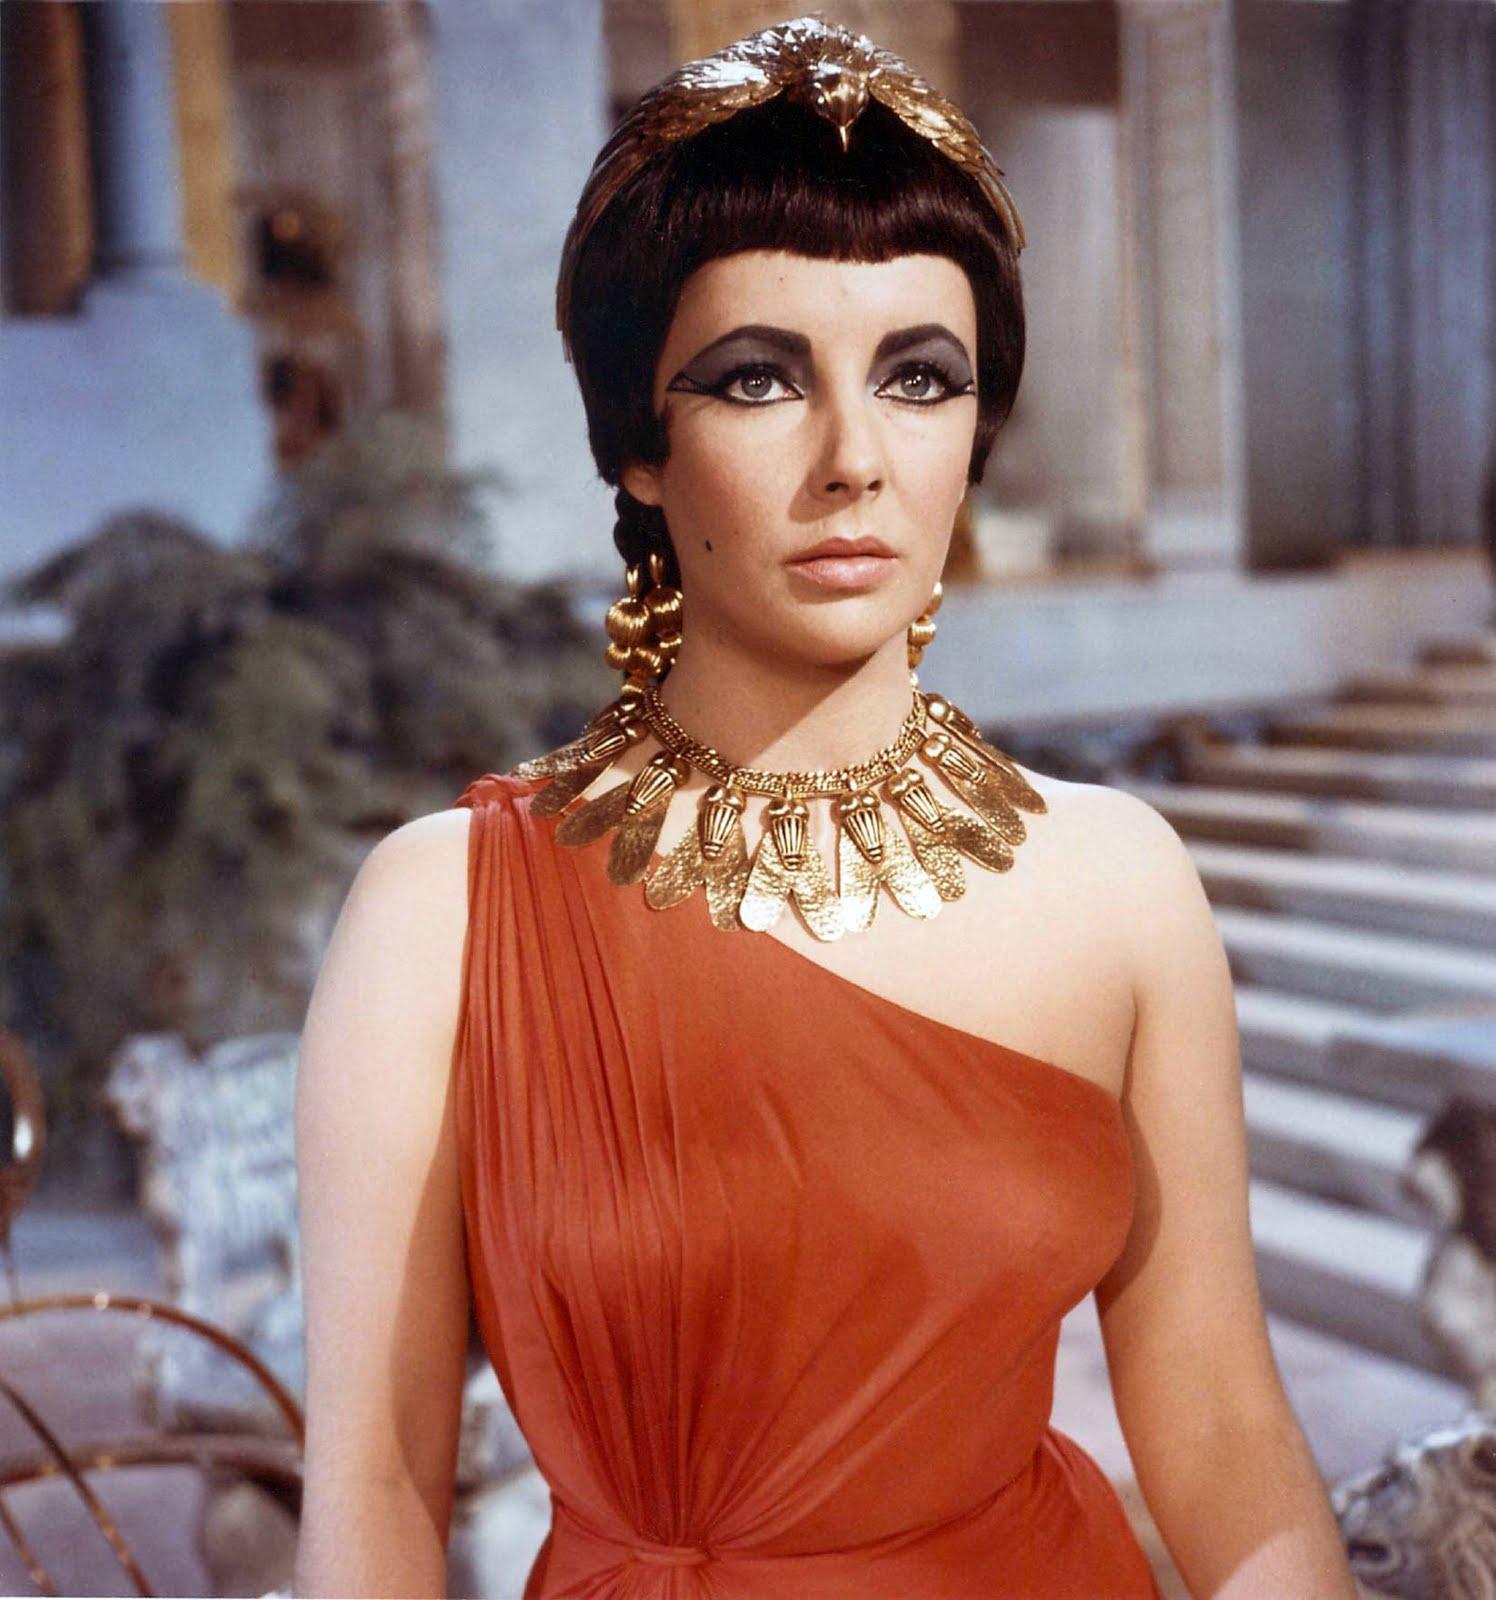 http://4.bp.blogspot.com/-uMCafIeXES4/TYpqJsyJ9sI/AAAAAAAAB_s/u-5fTe1Ldr8/s1600/elizabeth-taylor-as-cleopatra.jpg